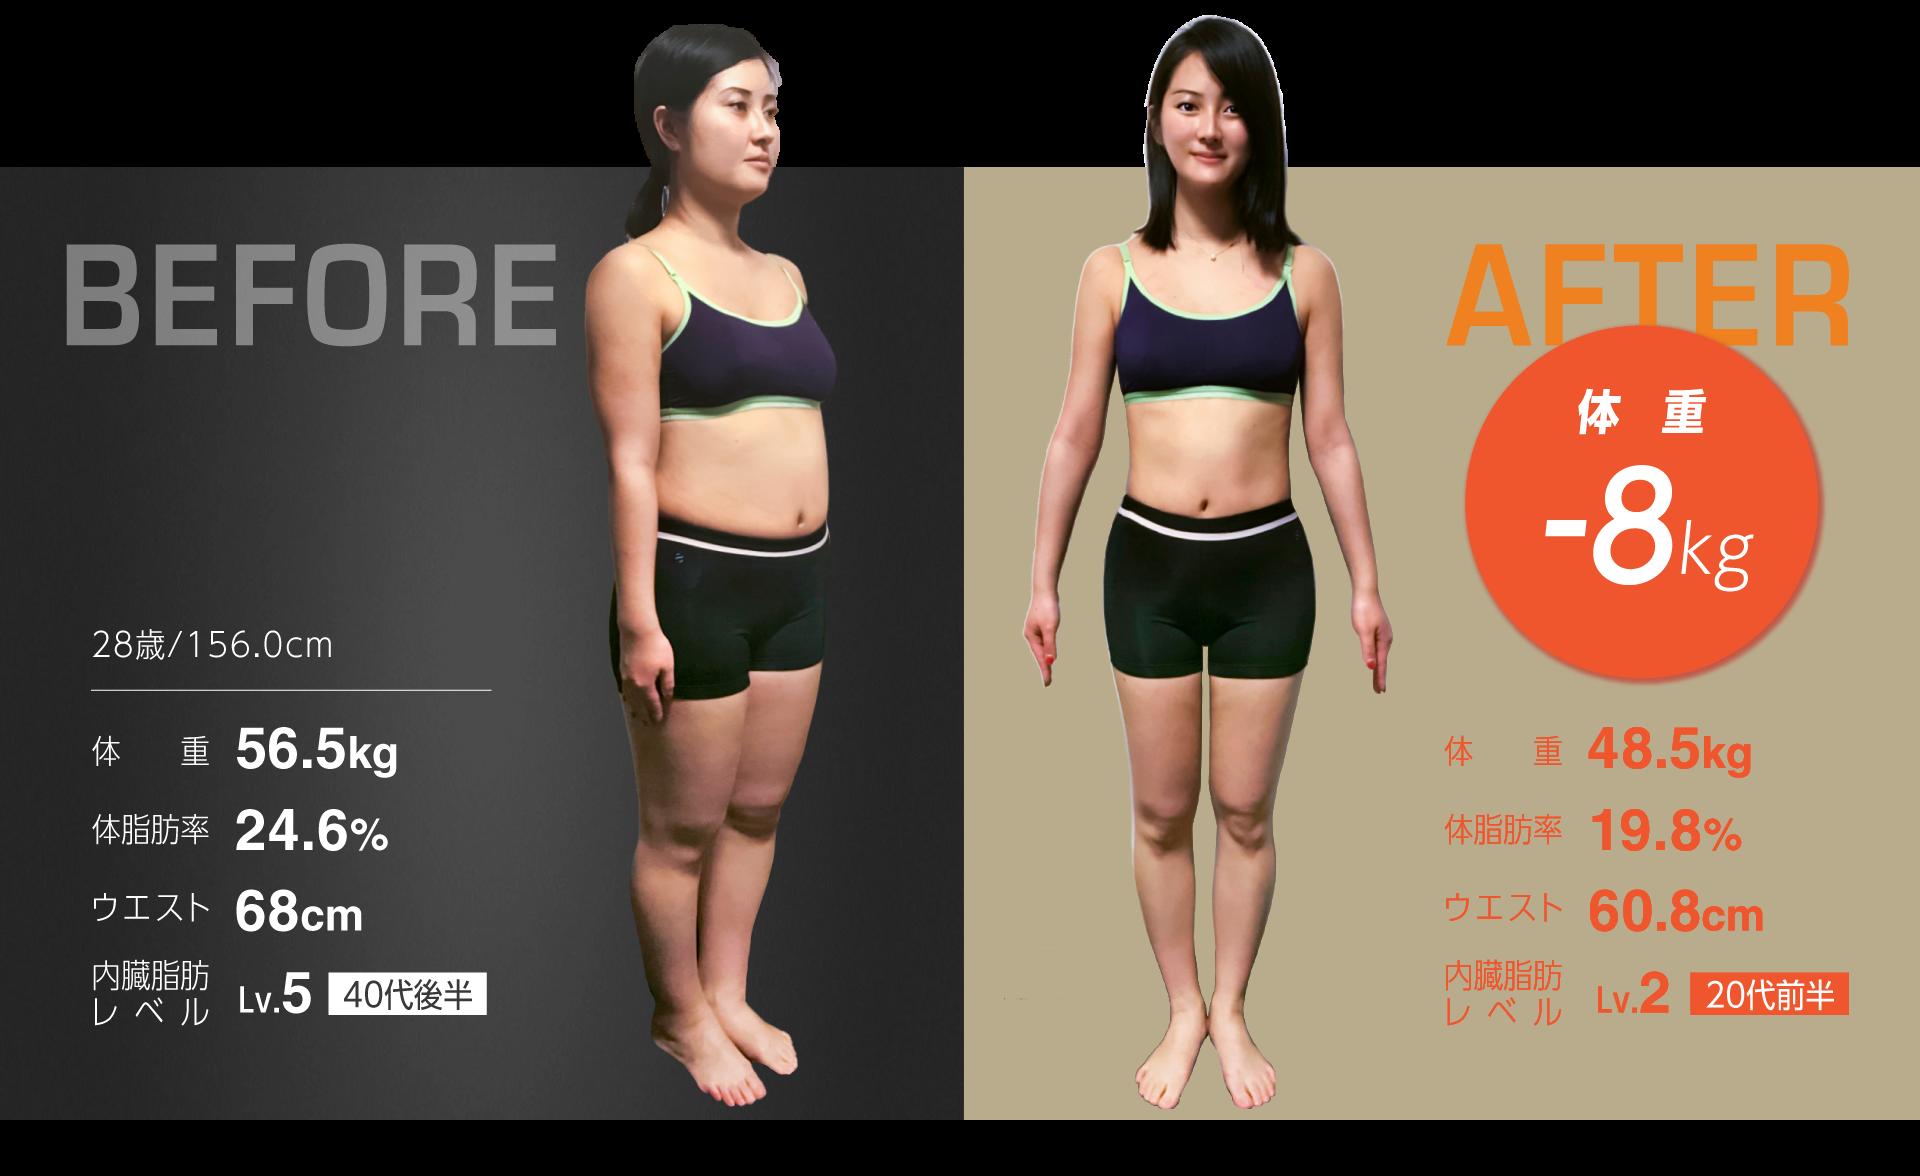 事例6)20歳/163.5cm 体重58.7kg 体脂肪率26.7% ウエスト72cm 内臓脂肪レベルLv.3(20代後半) ⇒ 体重48.6kg 体脂肪率22.7% ウエスト59cm 内臓脂肪レベルLv.1(10代後半)